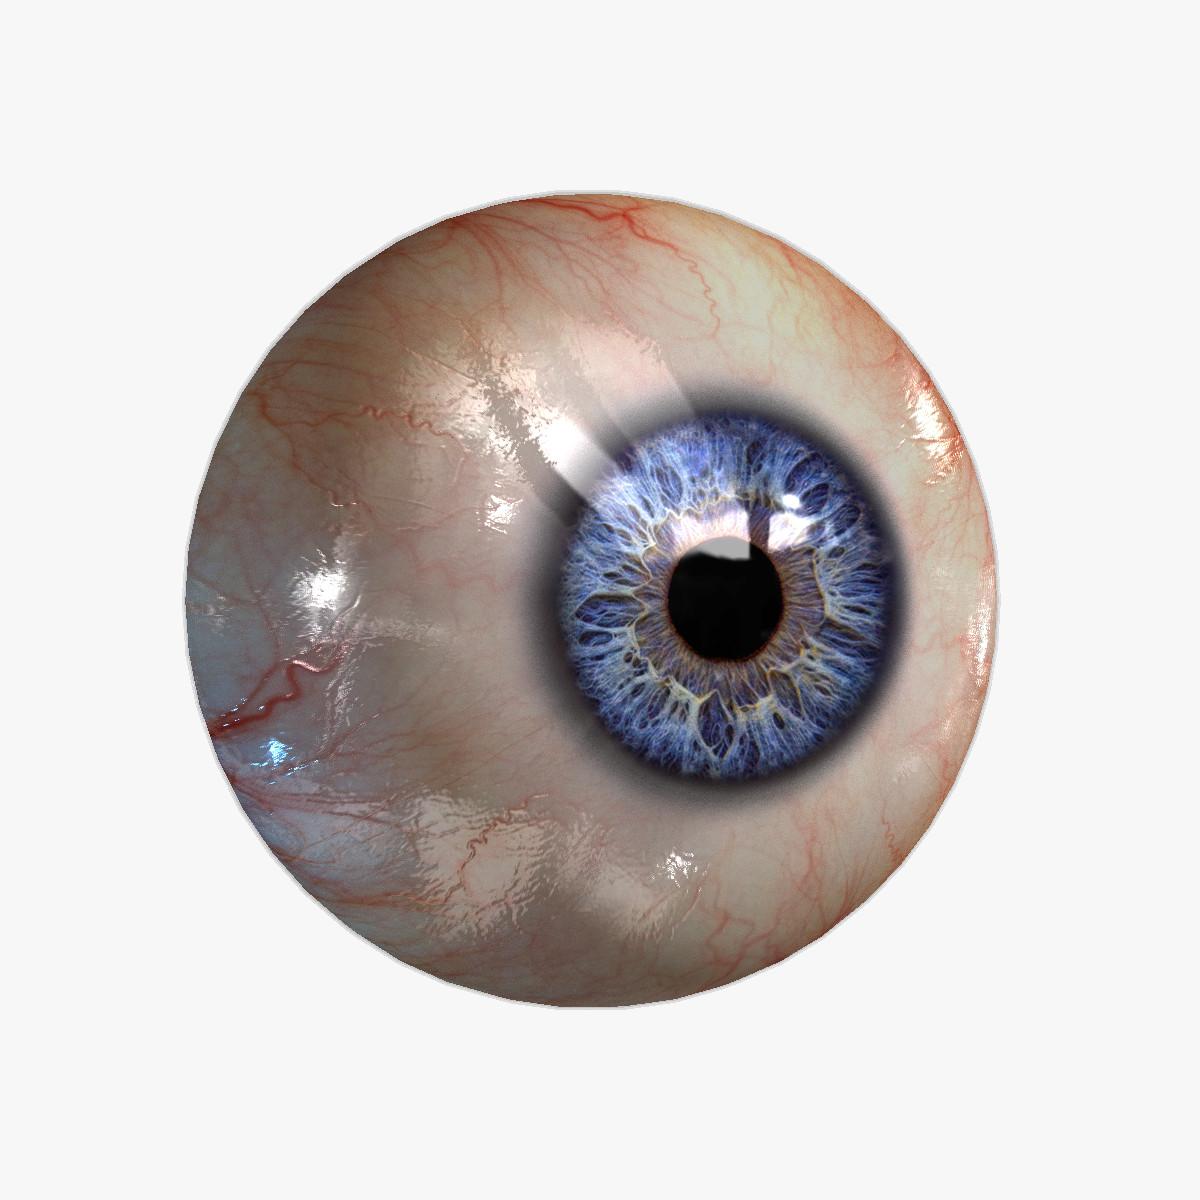 Eye_Realtime_HD_KA_set_01_Turntable_10-72.png